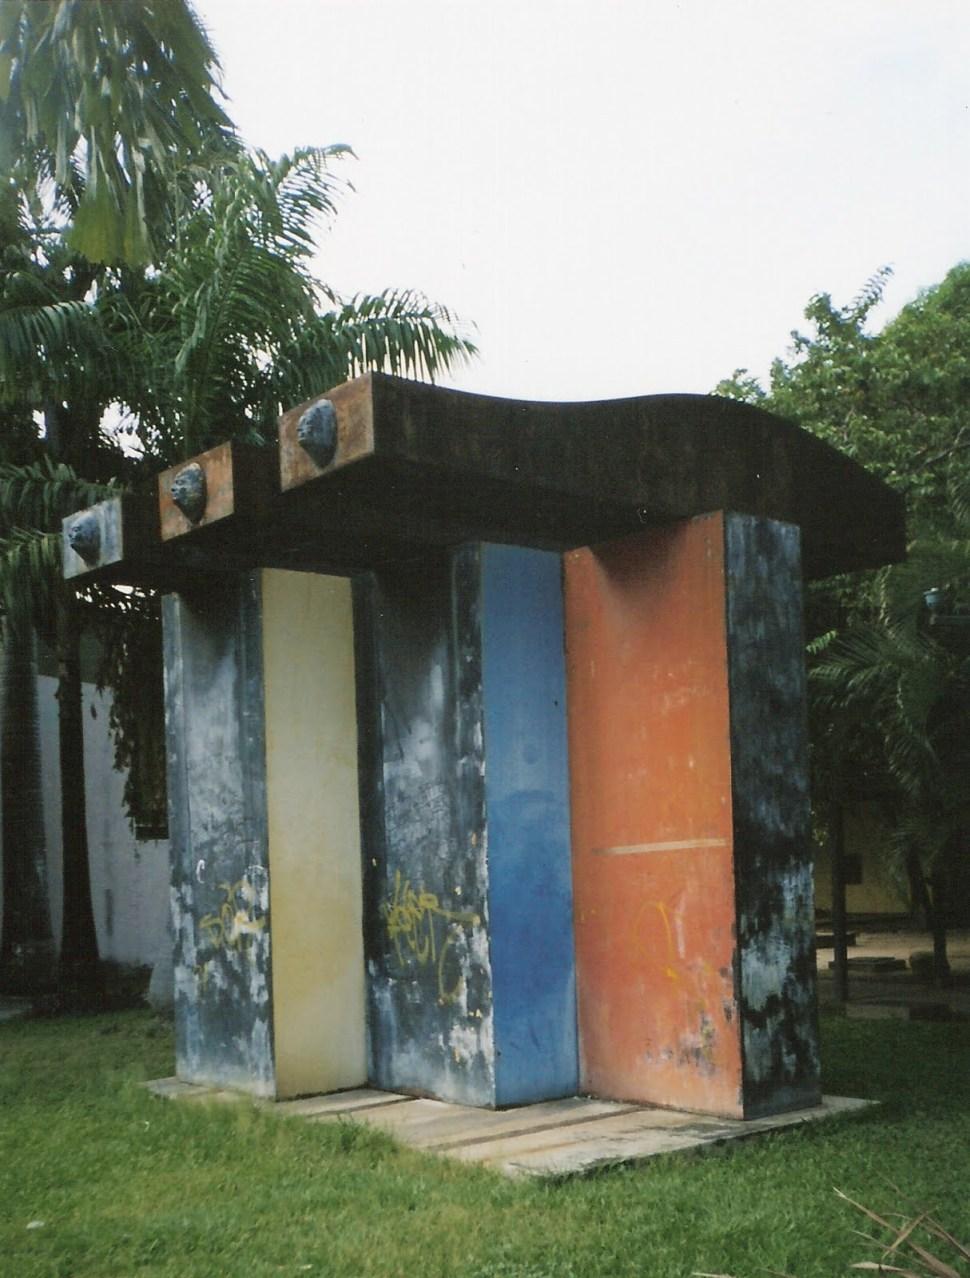 Marisol. Tres figuras. Foto P. Hernández 2006